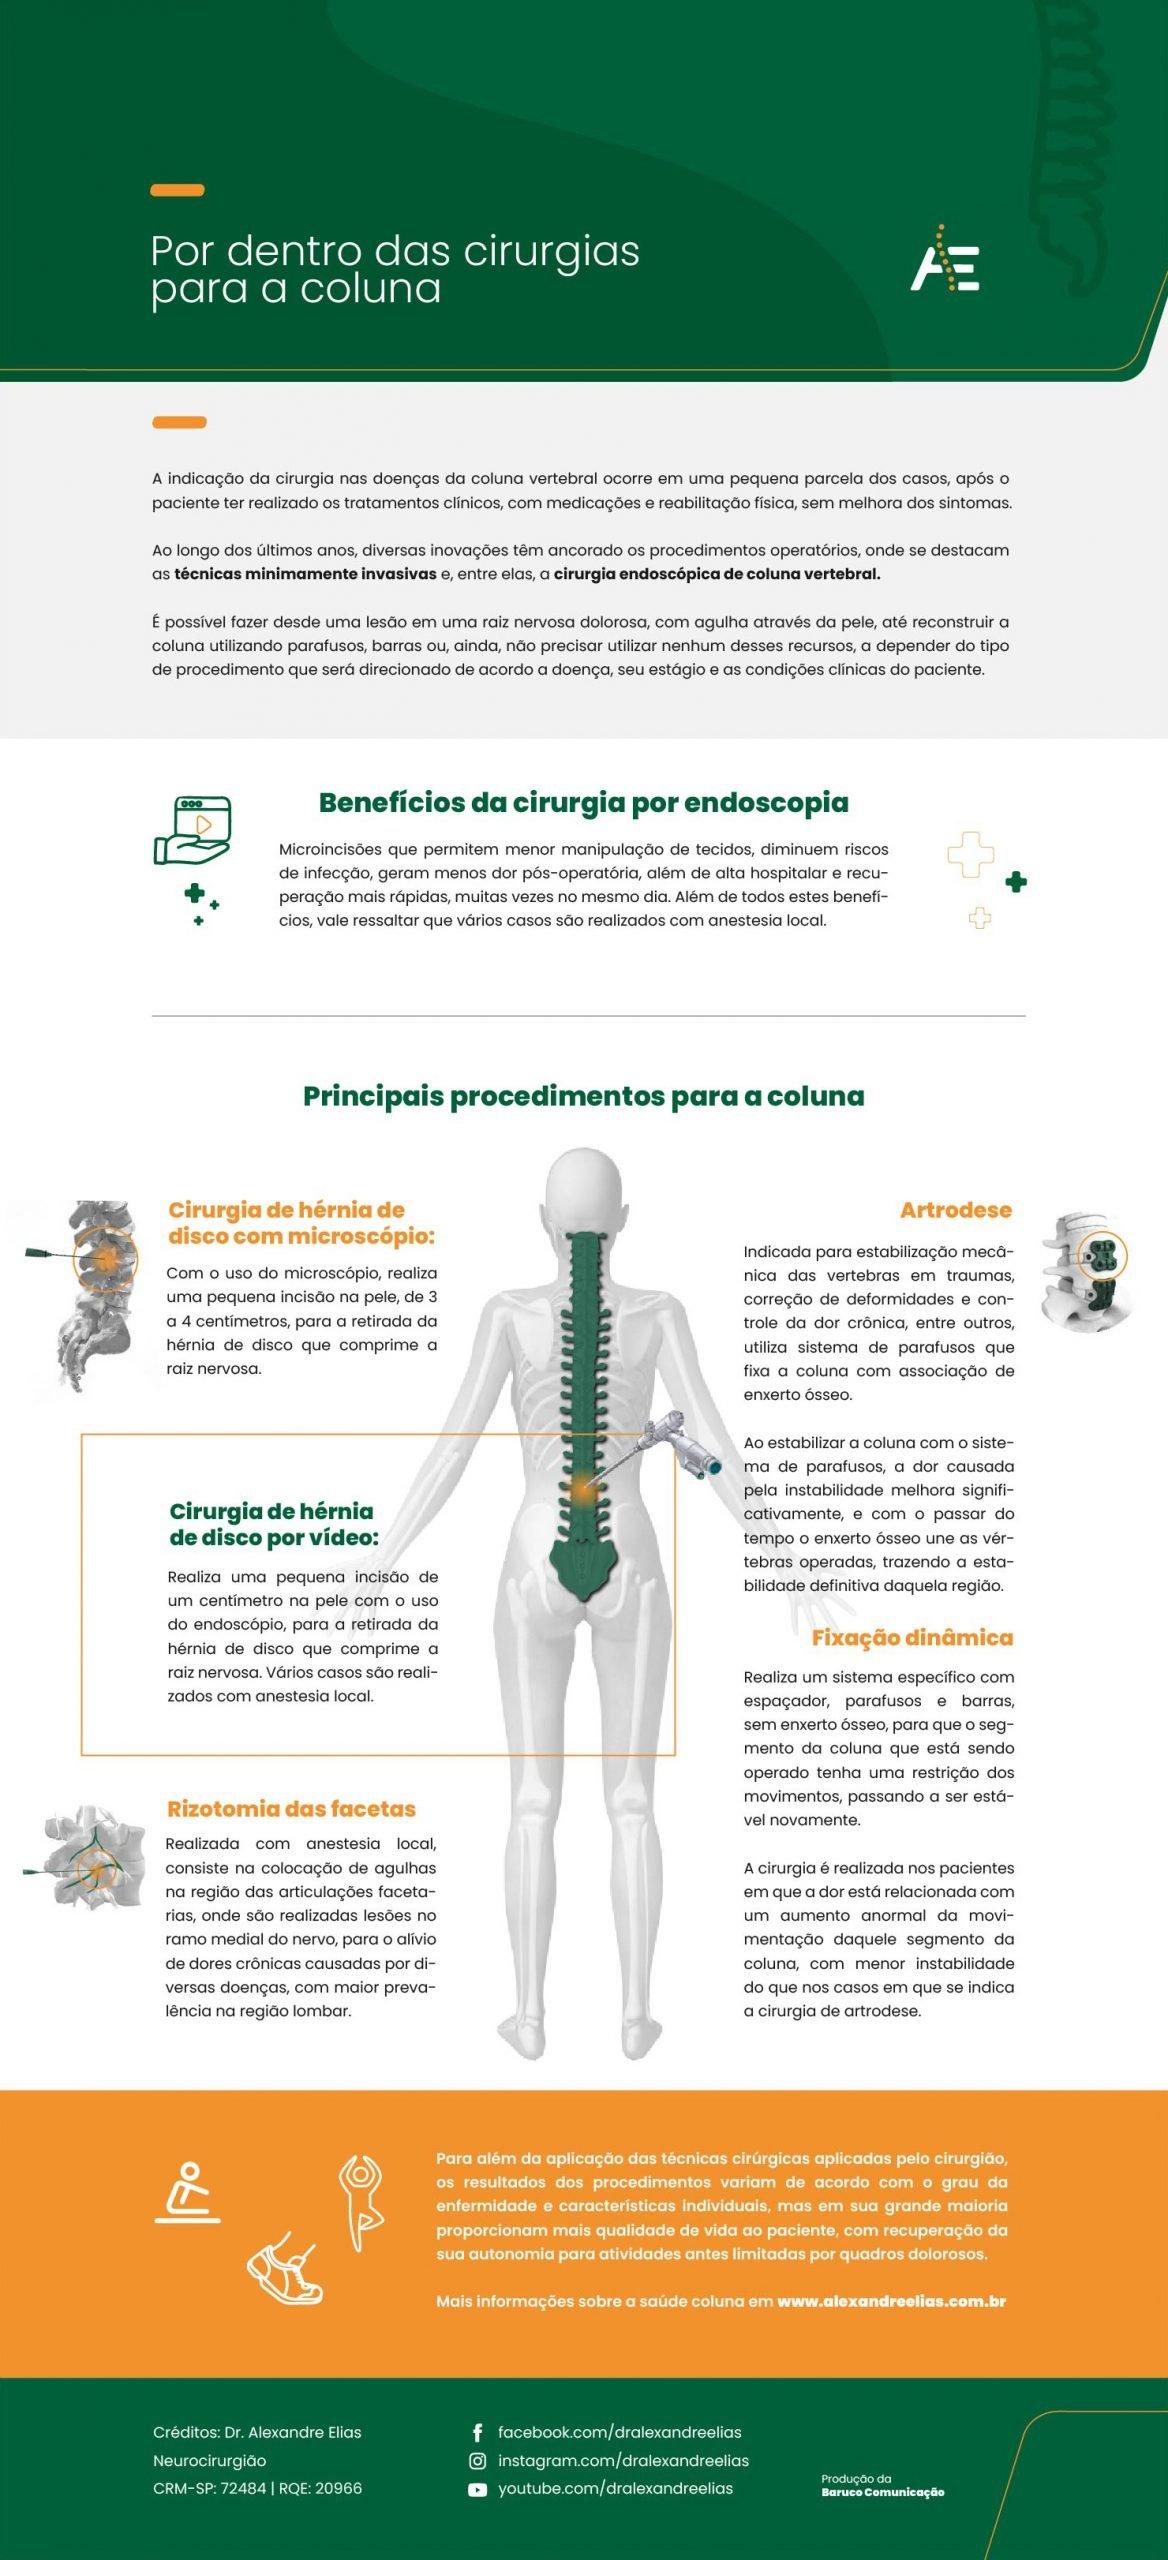 nfográfico por dentro das cirurgias para a coluna - 2021 - Dr. Alexandre Elias